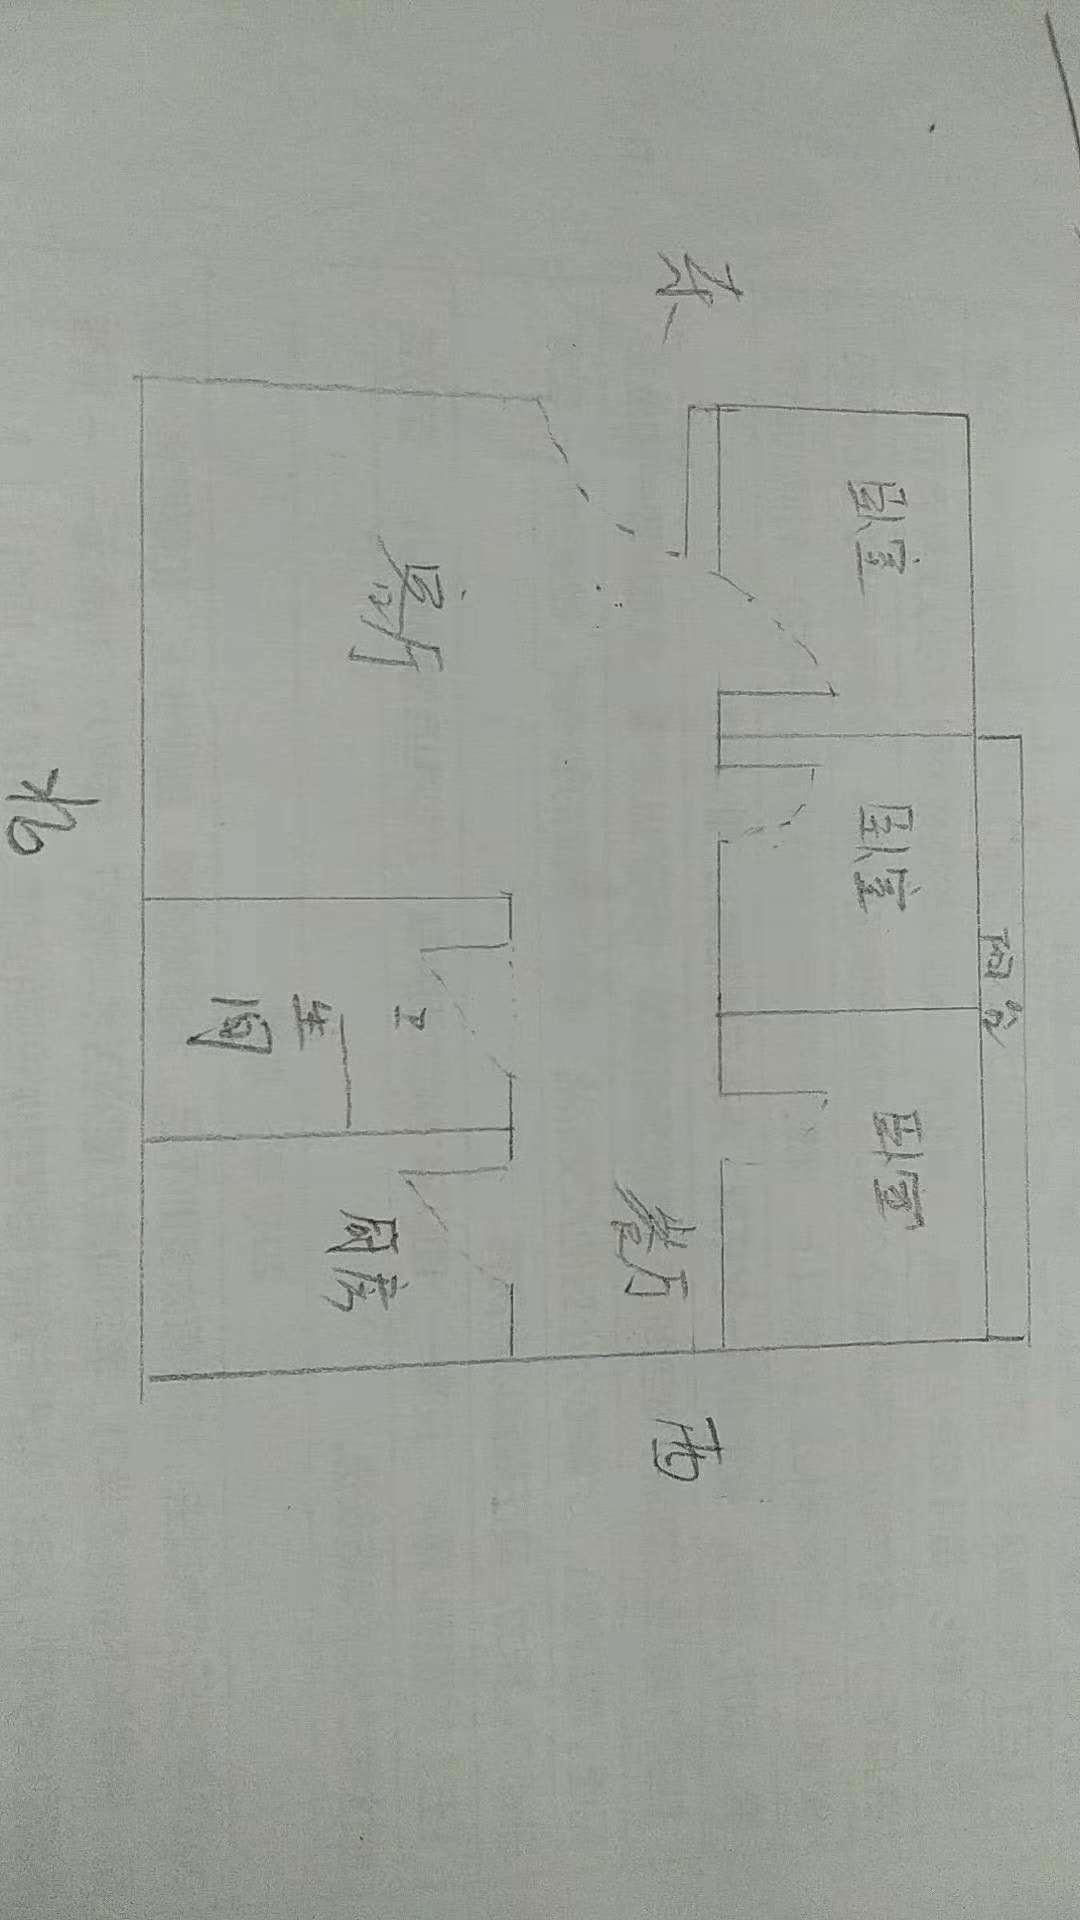 金光集团宿舍 3室2厅 5楼